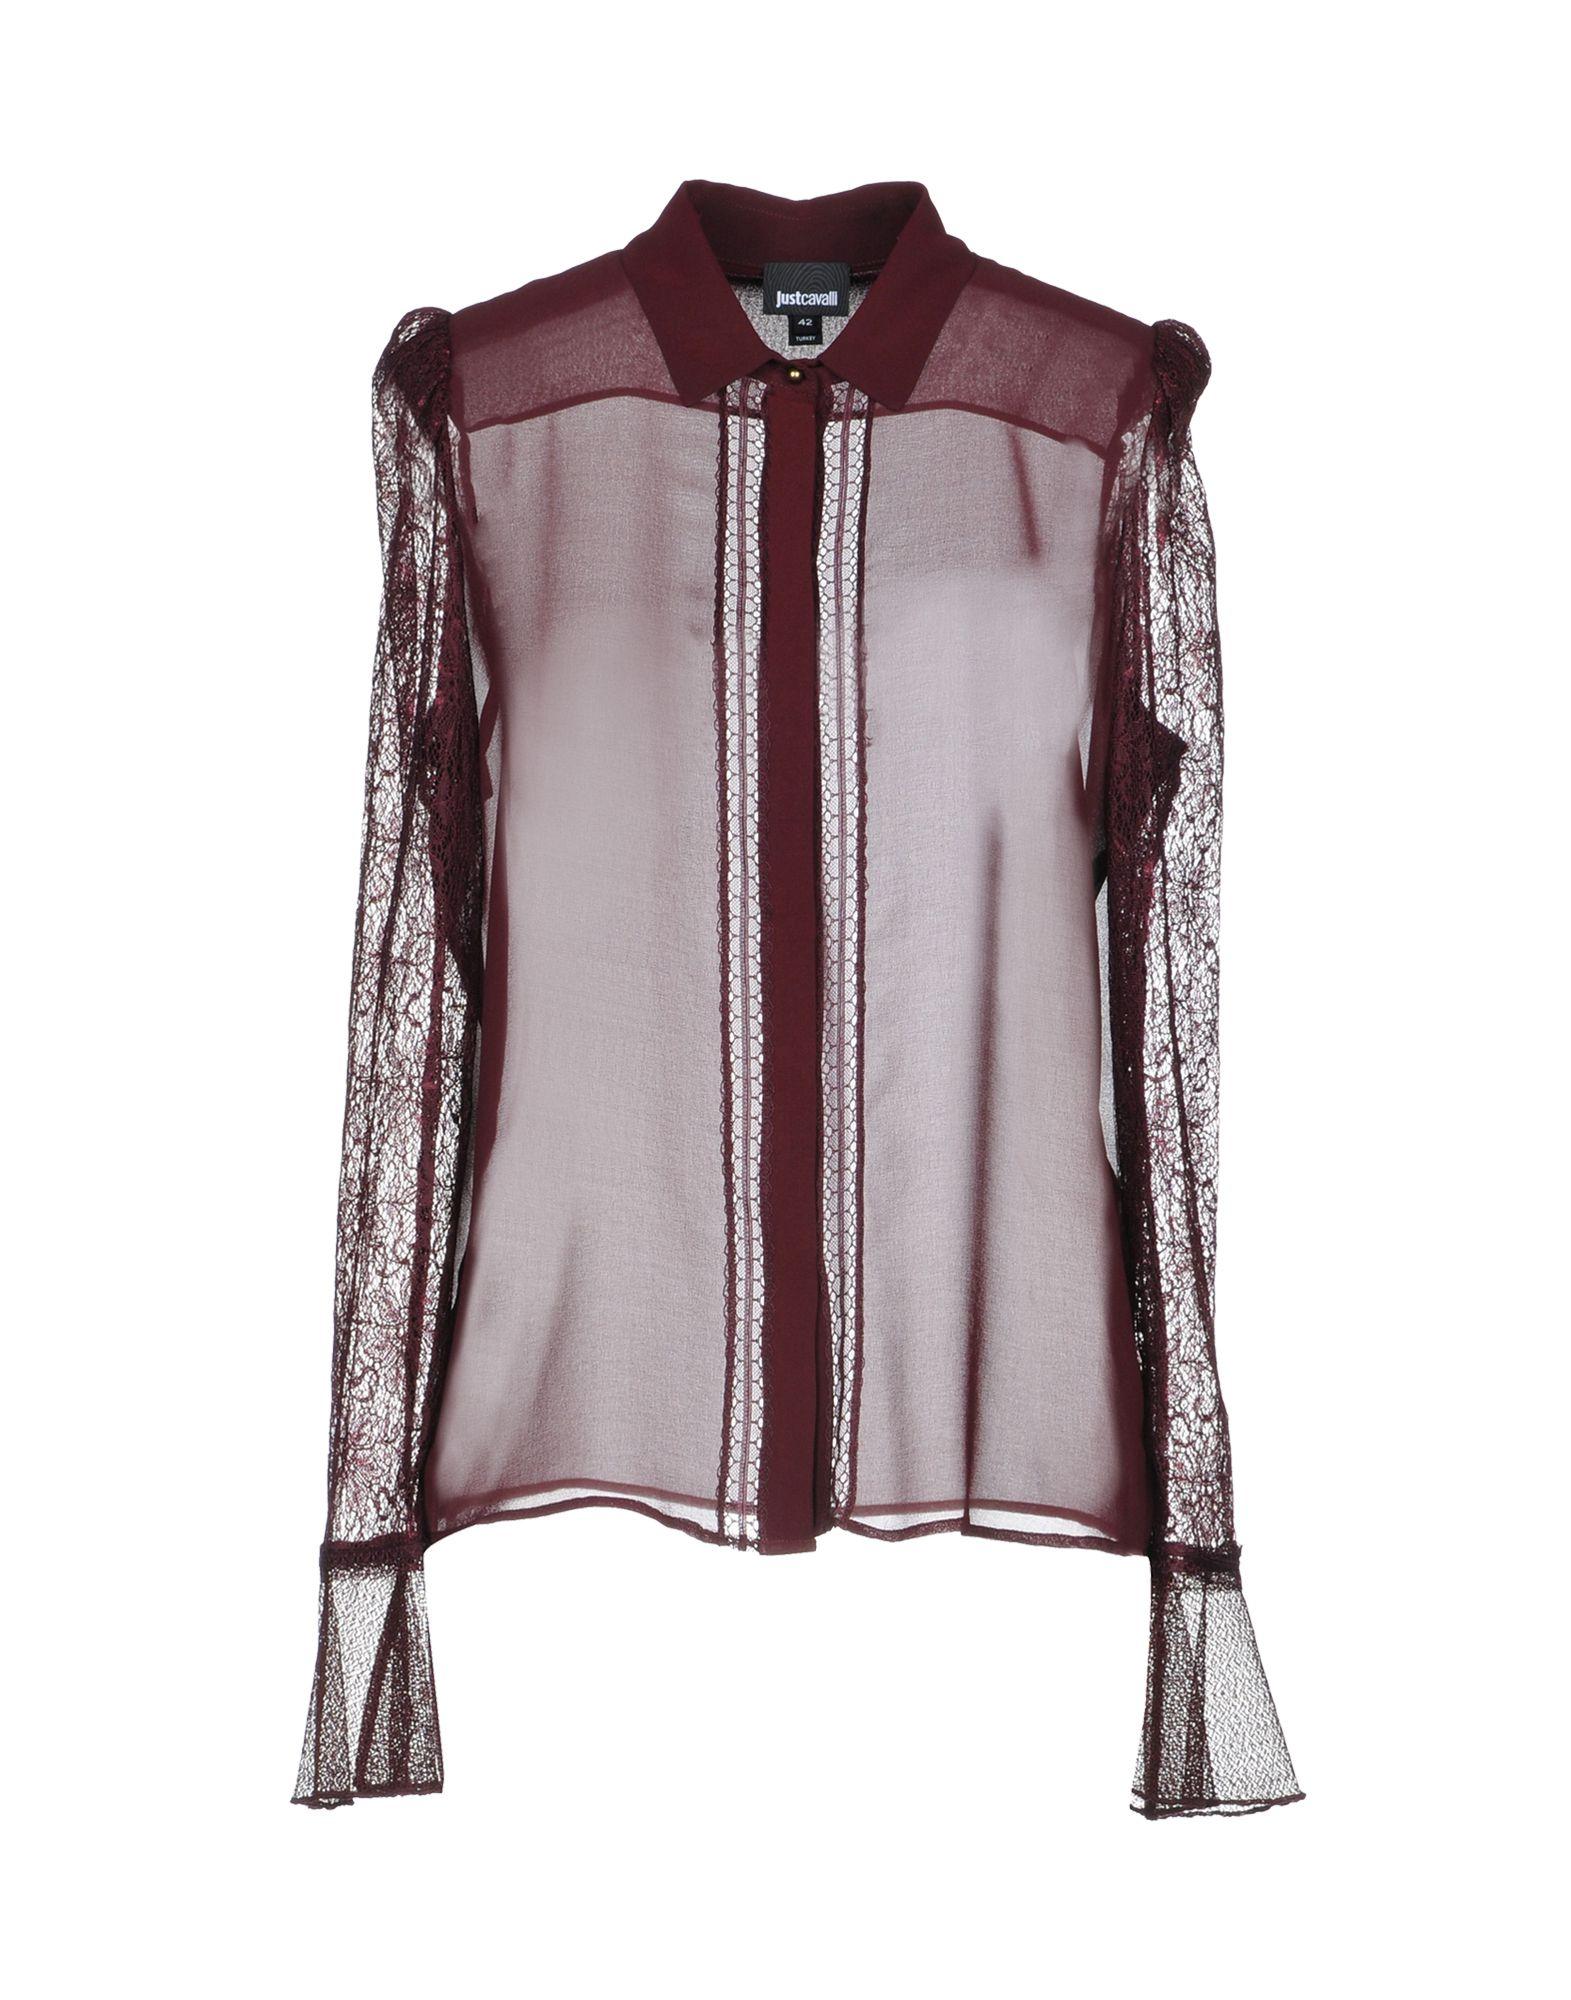 Camicie E Bluse In Pizzo Just Cavalli Donna - Acquista online su 9JnA56h